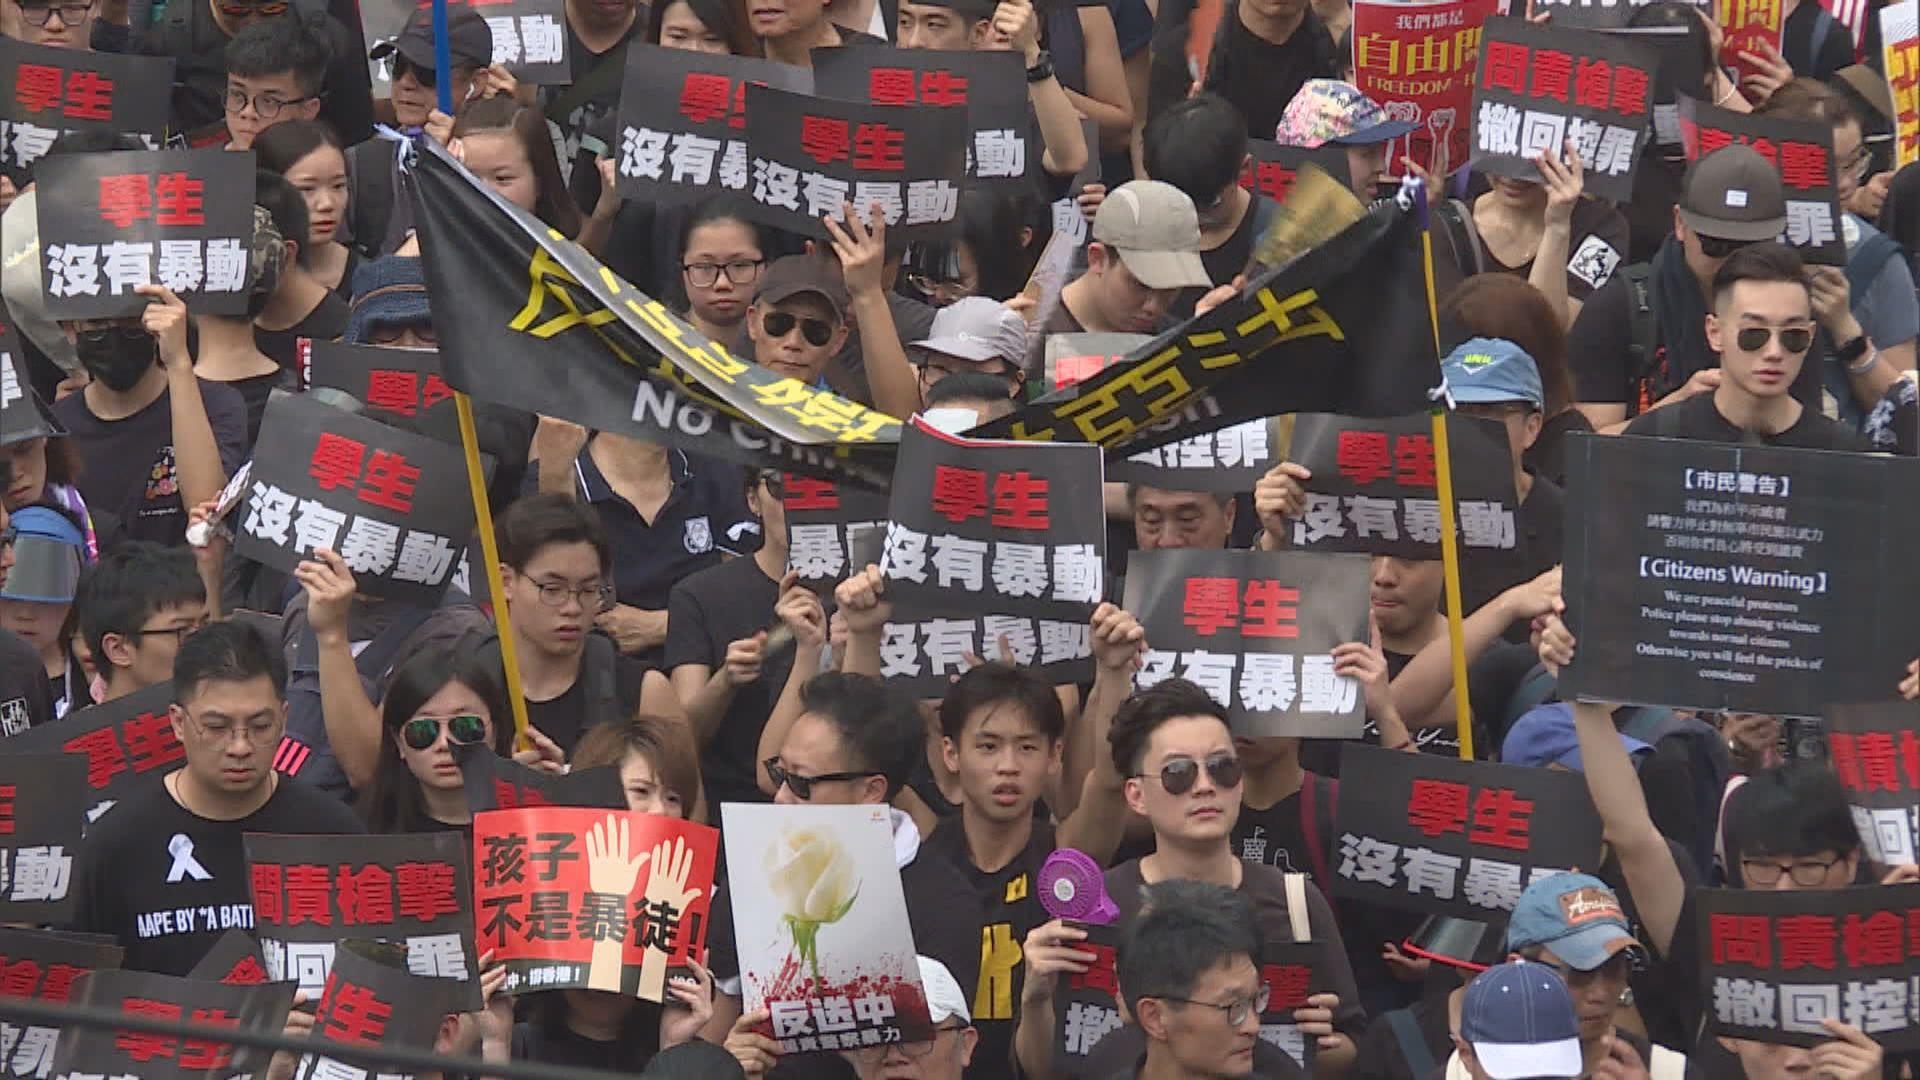 警方:若周日遊行出現暴力或要暫停或中止